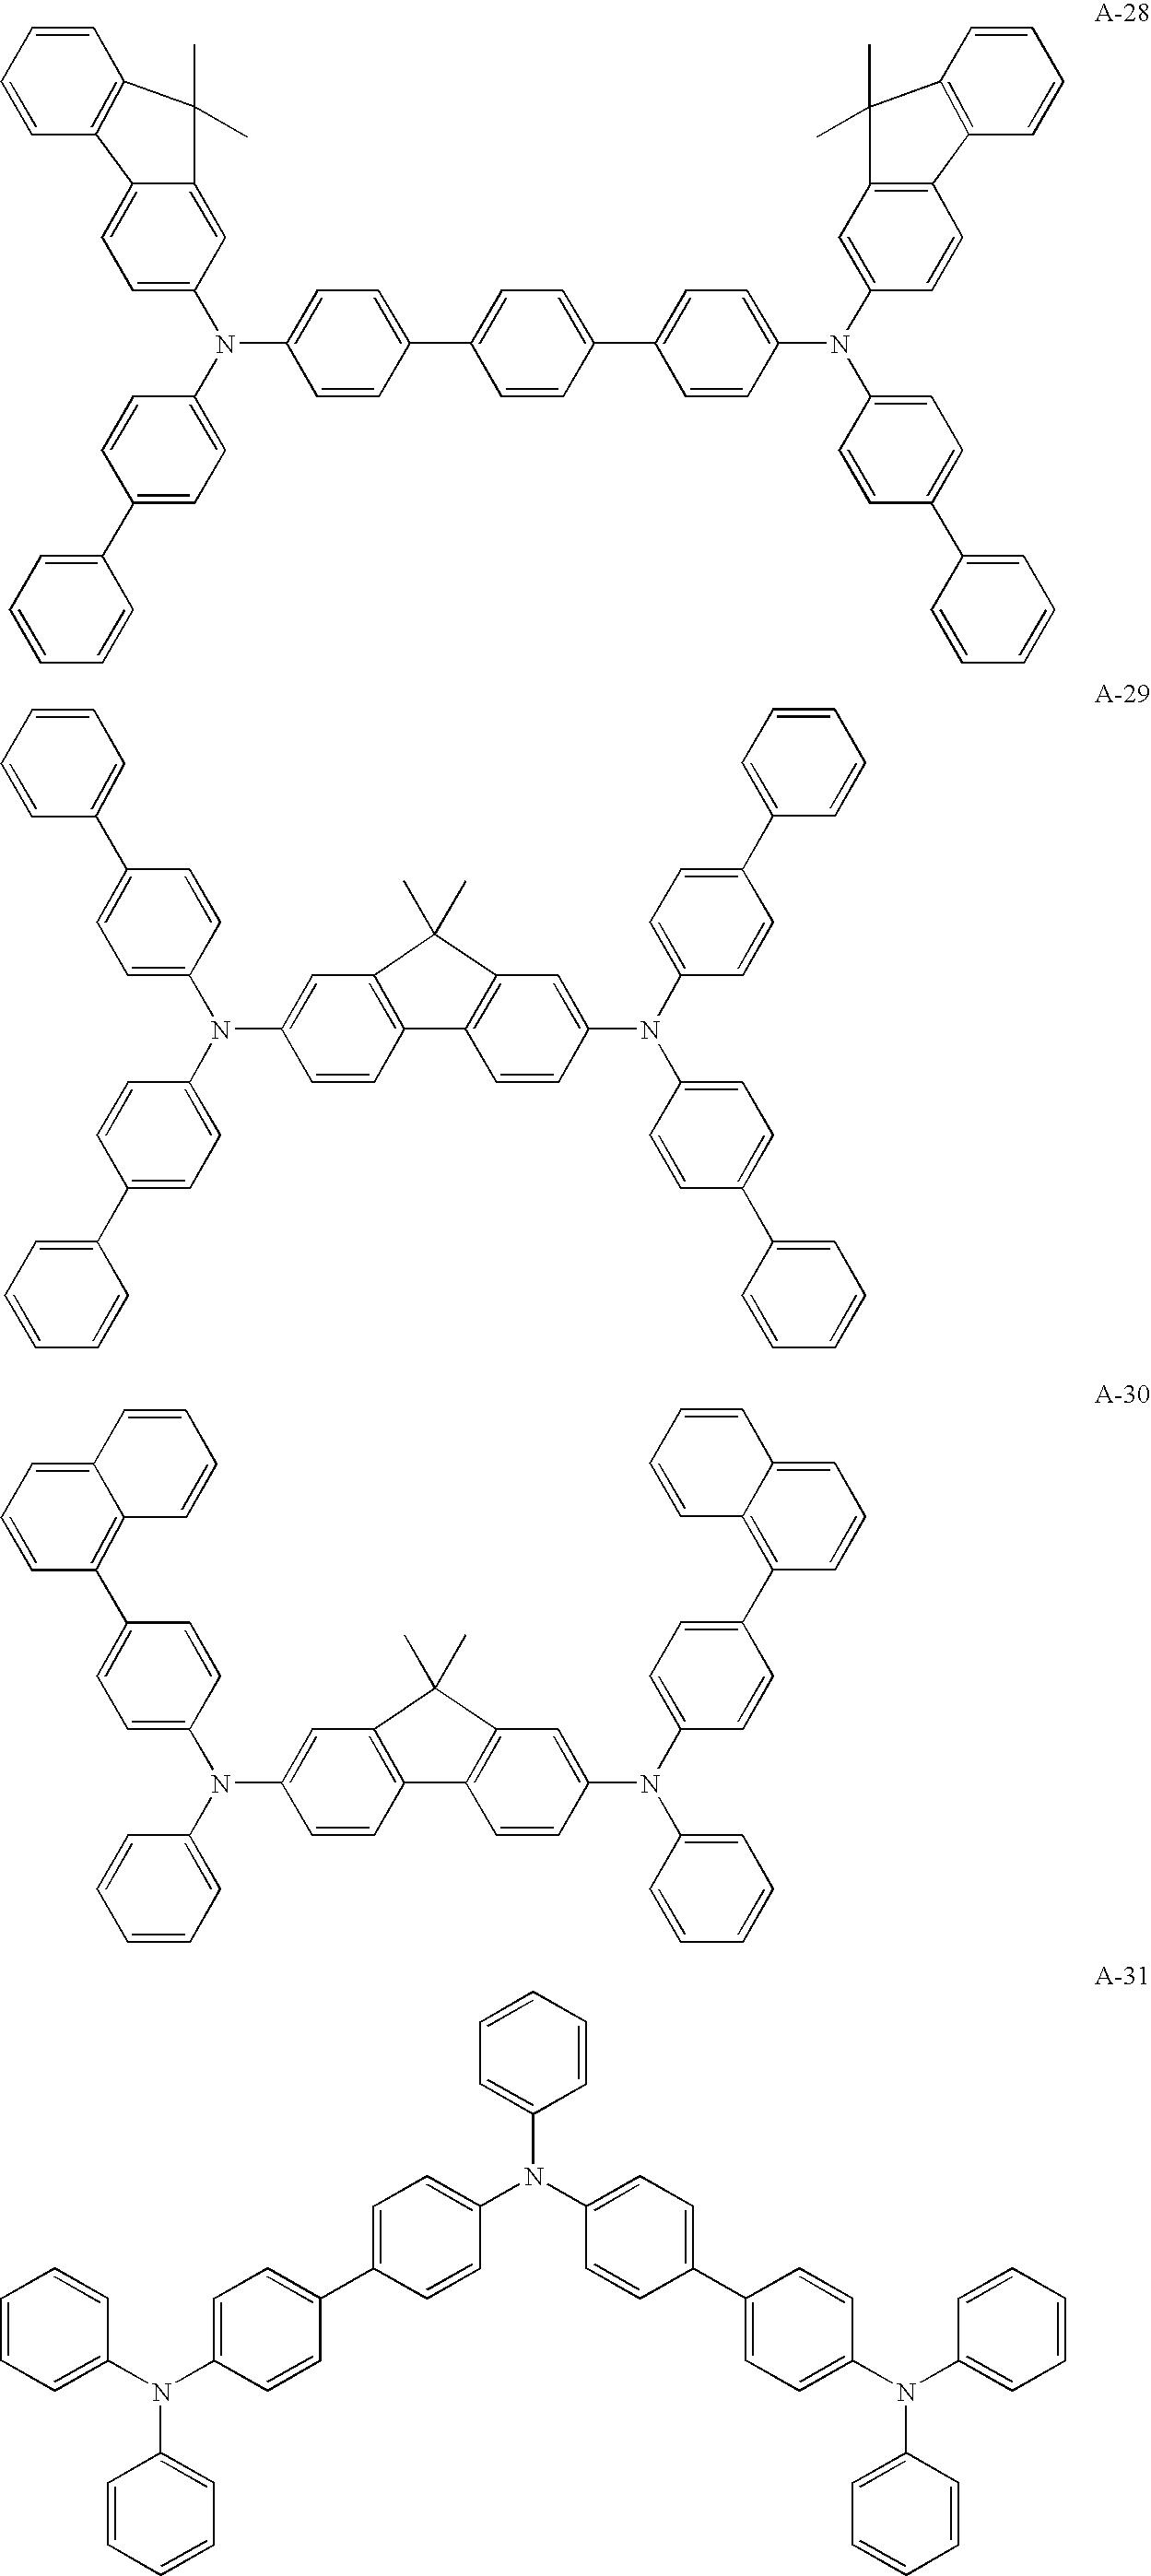 Figure US20080049413A1-20080228-C00016